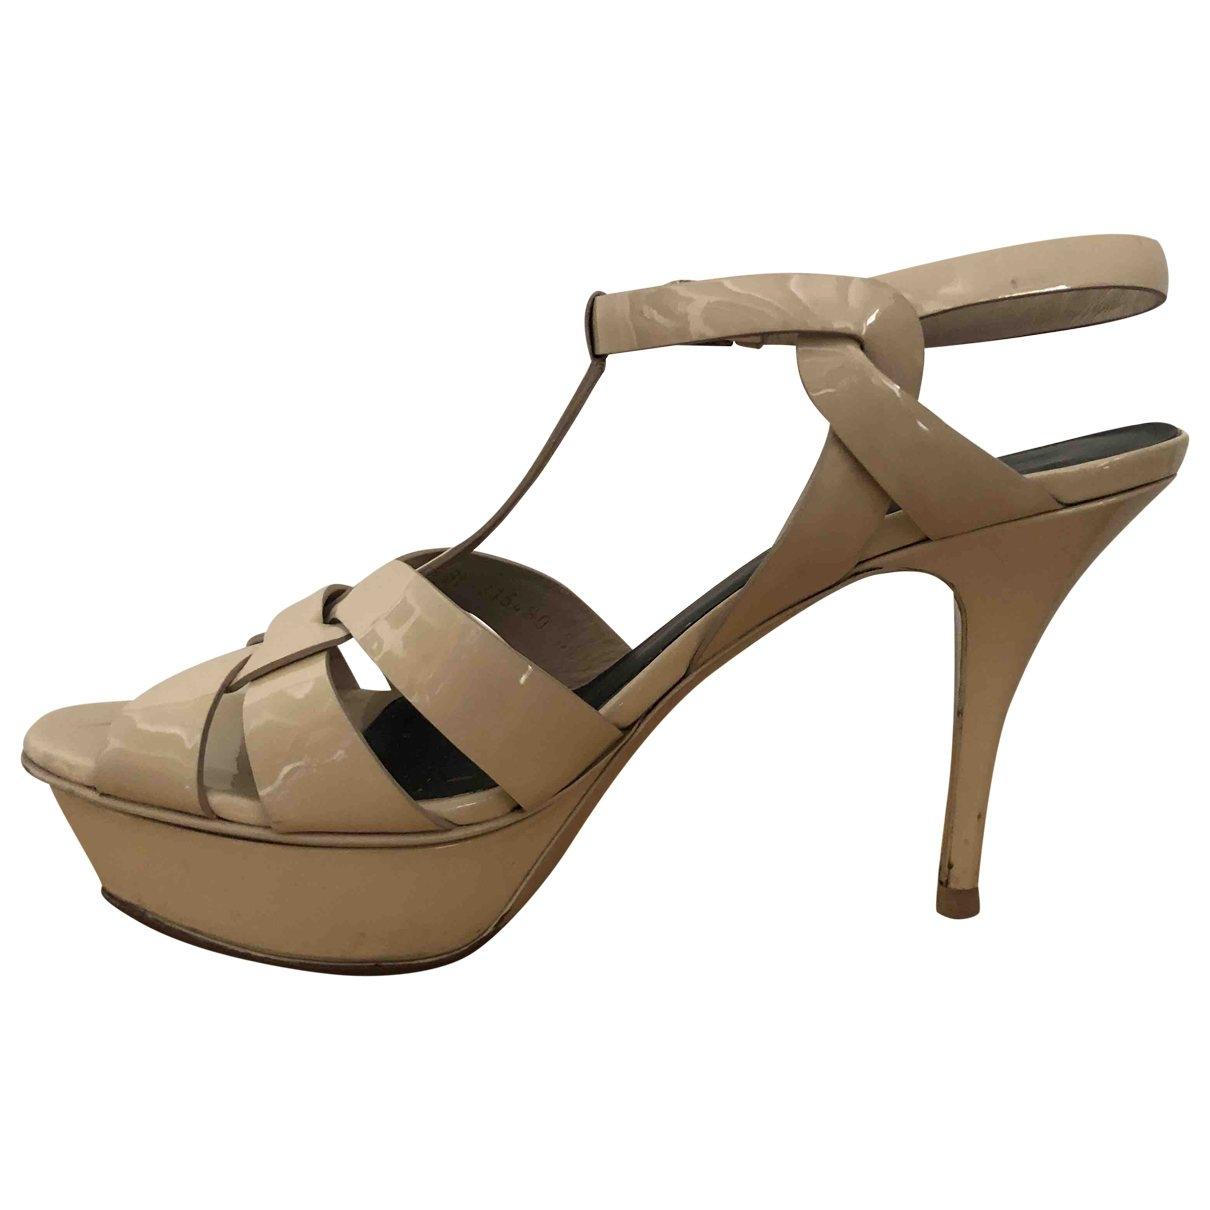 Saint Laurent Tribute Beige Patent leather Sandals for Women 38.5 EU